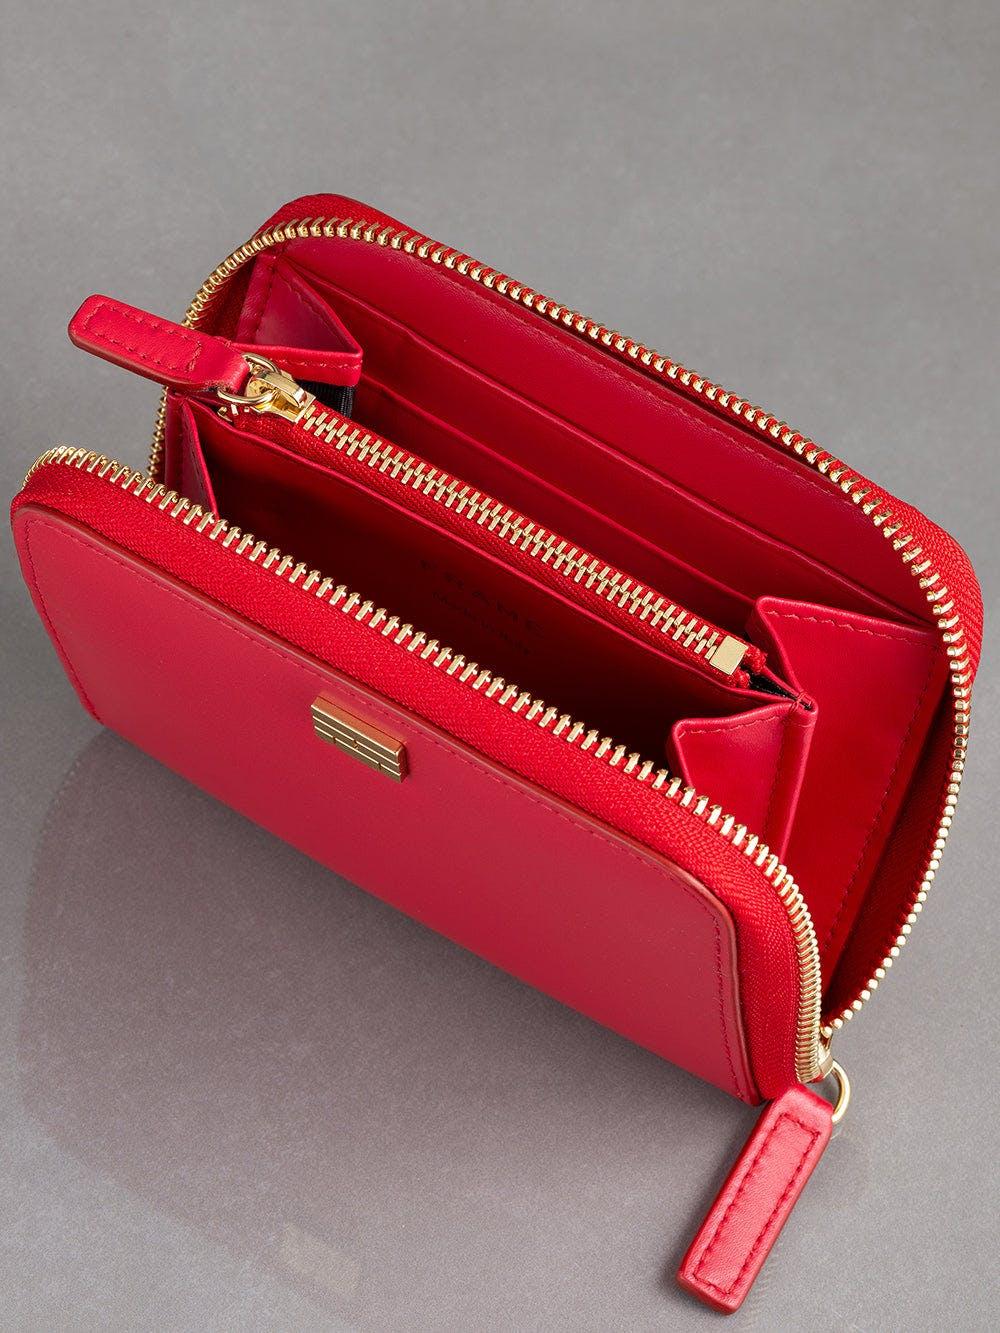 wallet inside view alt:hover